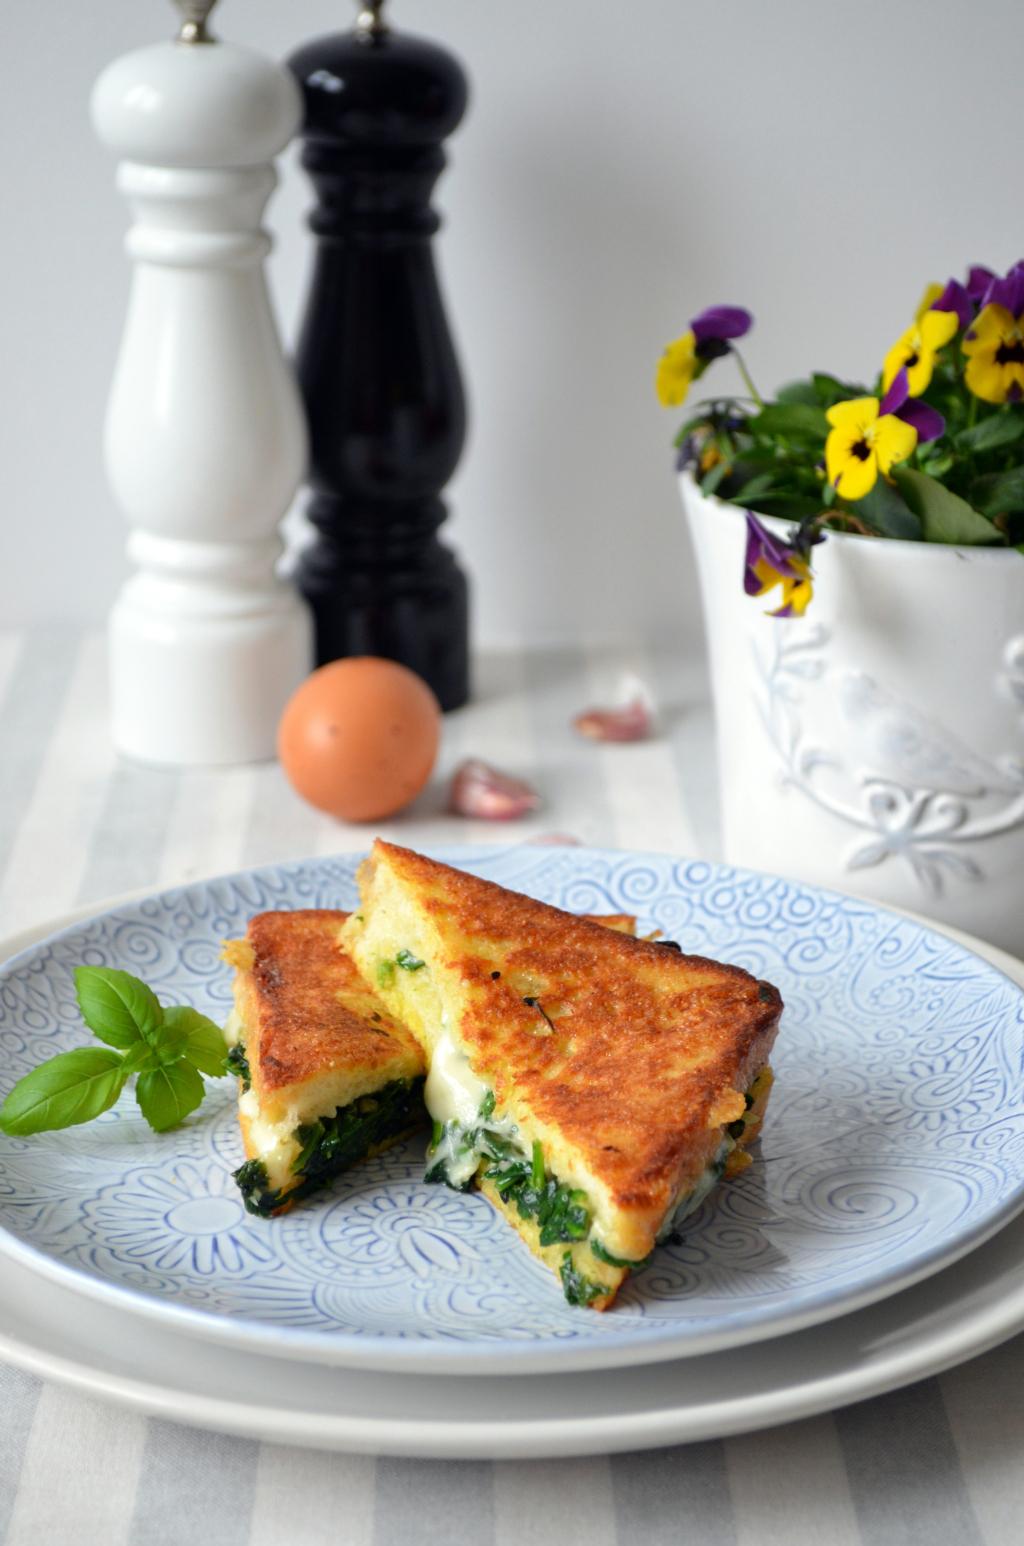 sma%C5%BCone-tosty-ze-szpinakiem-i-mozzarell%C4%85 Tosty francuskie ze szpinakiem i mozzarellą